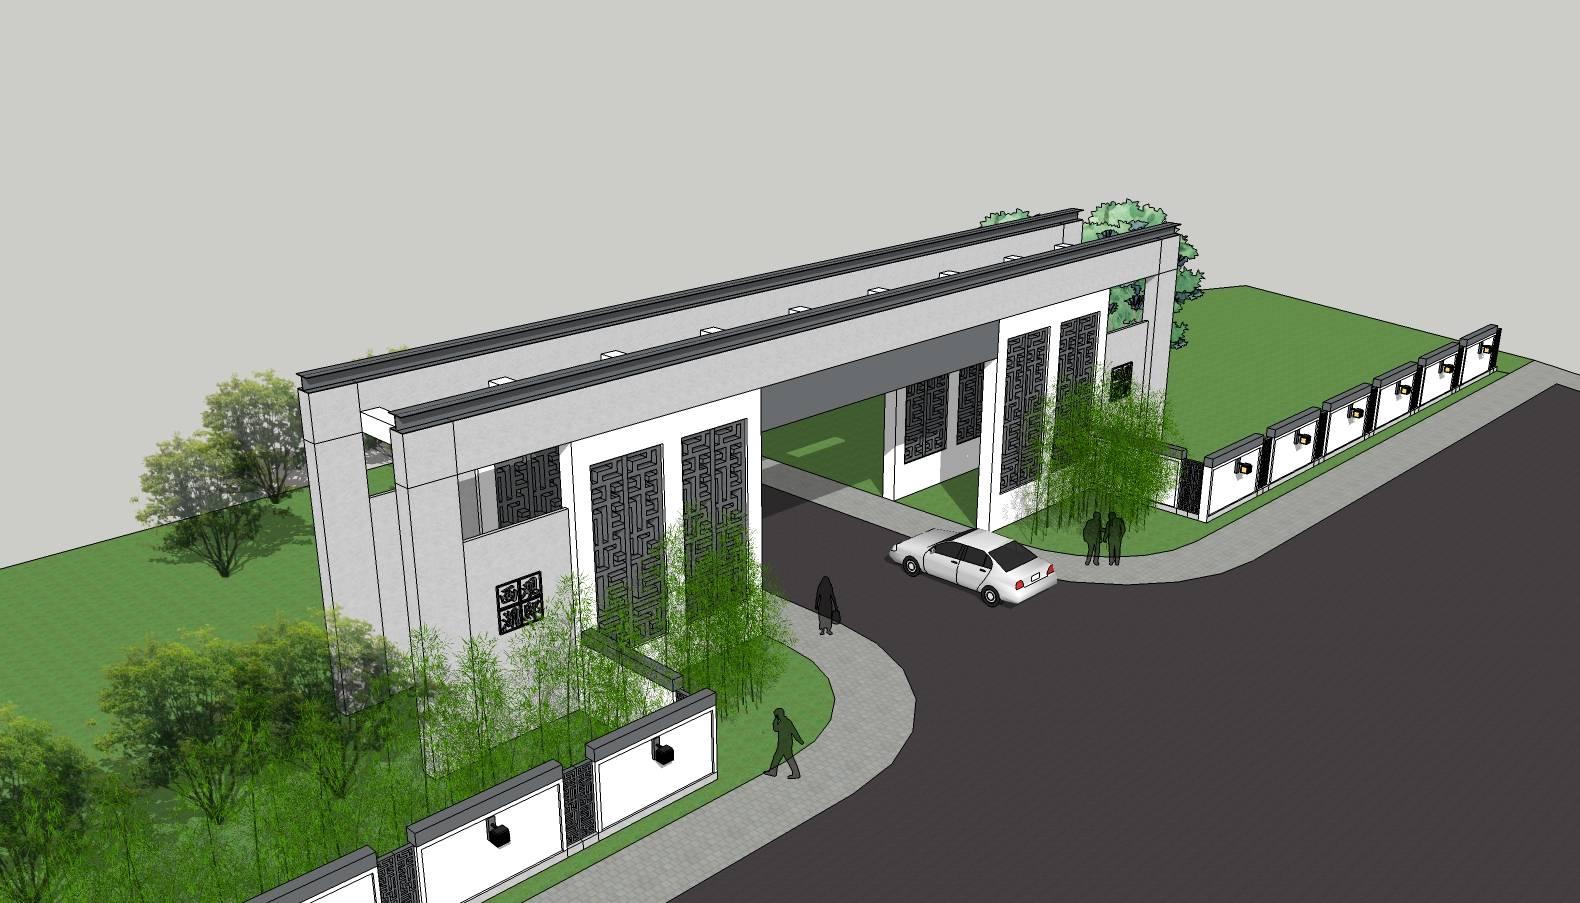 木质大门 入口标志 入口景区 大门设计 su模型 环境设计 景观设计